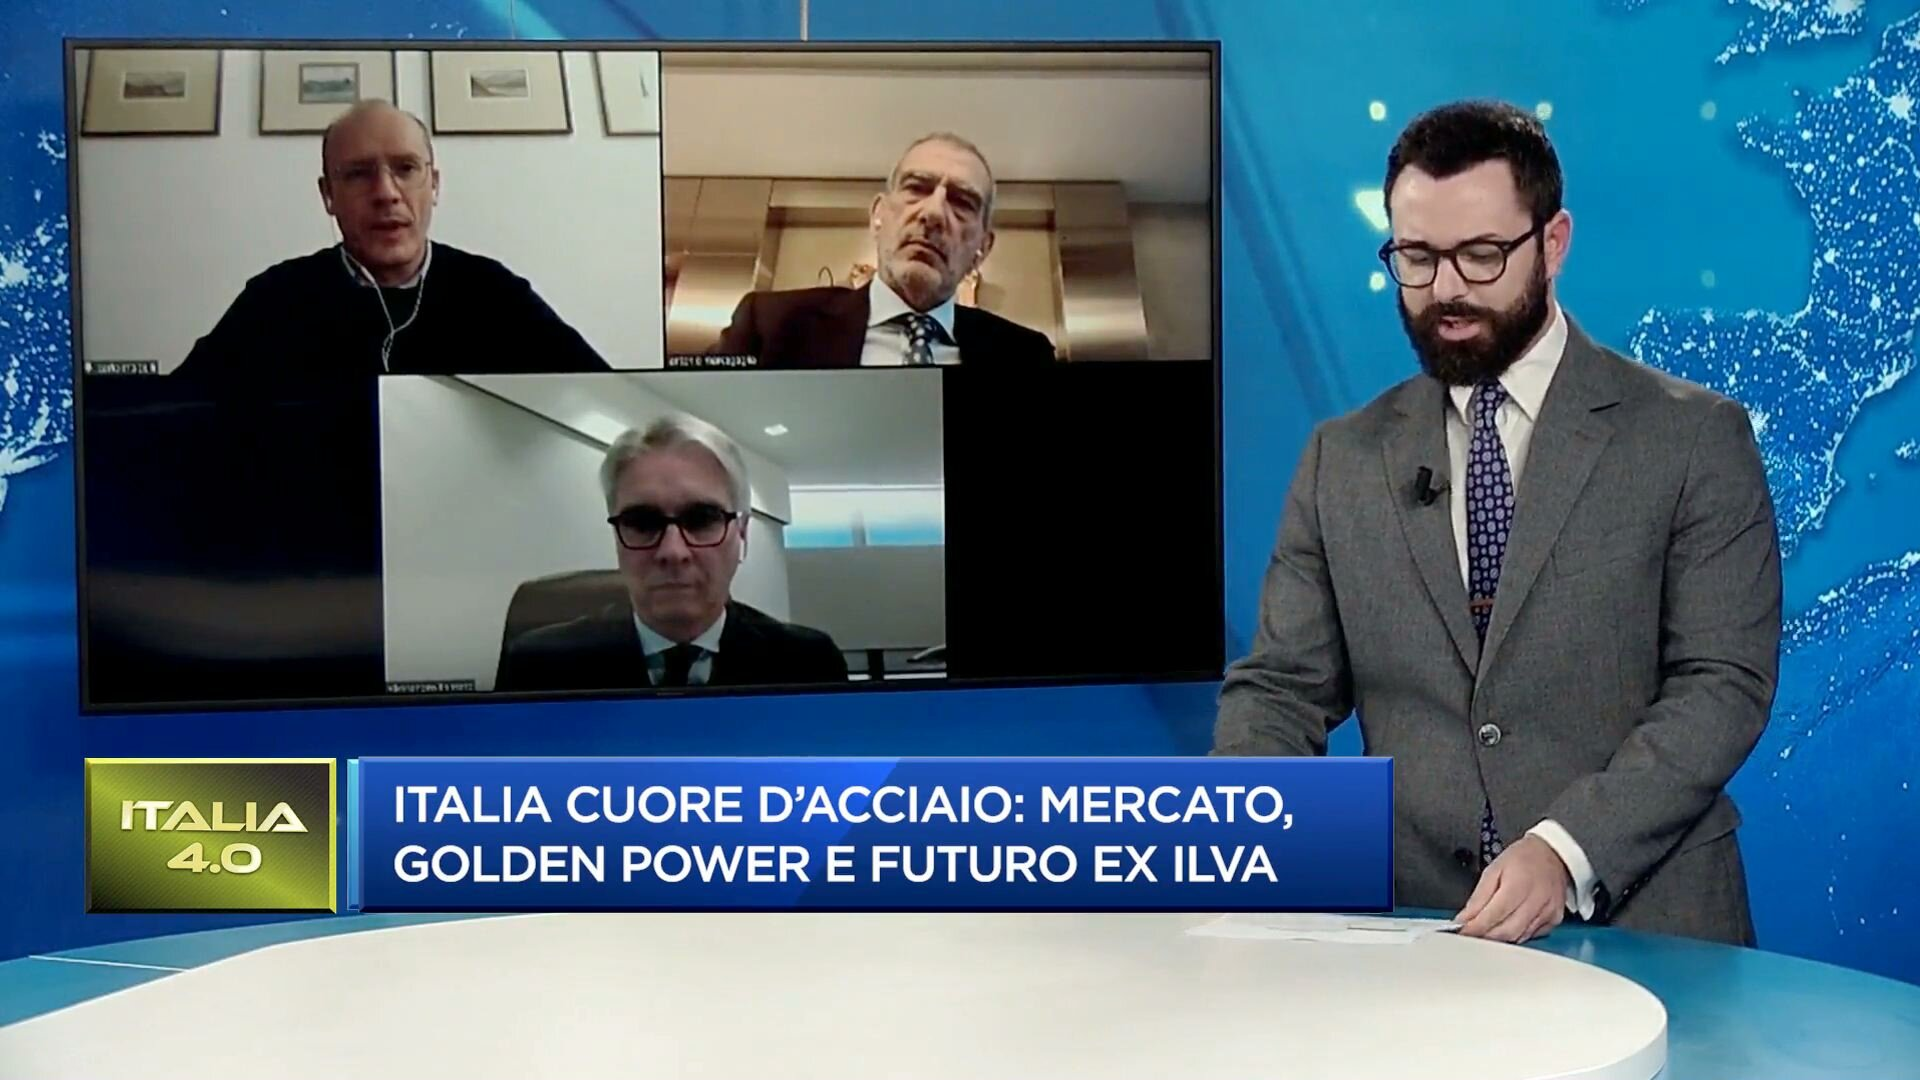 Italia cuore d'acciaio: mercato, golden power e futuro ex Ilva